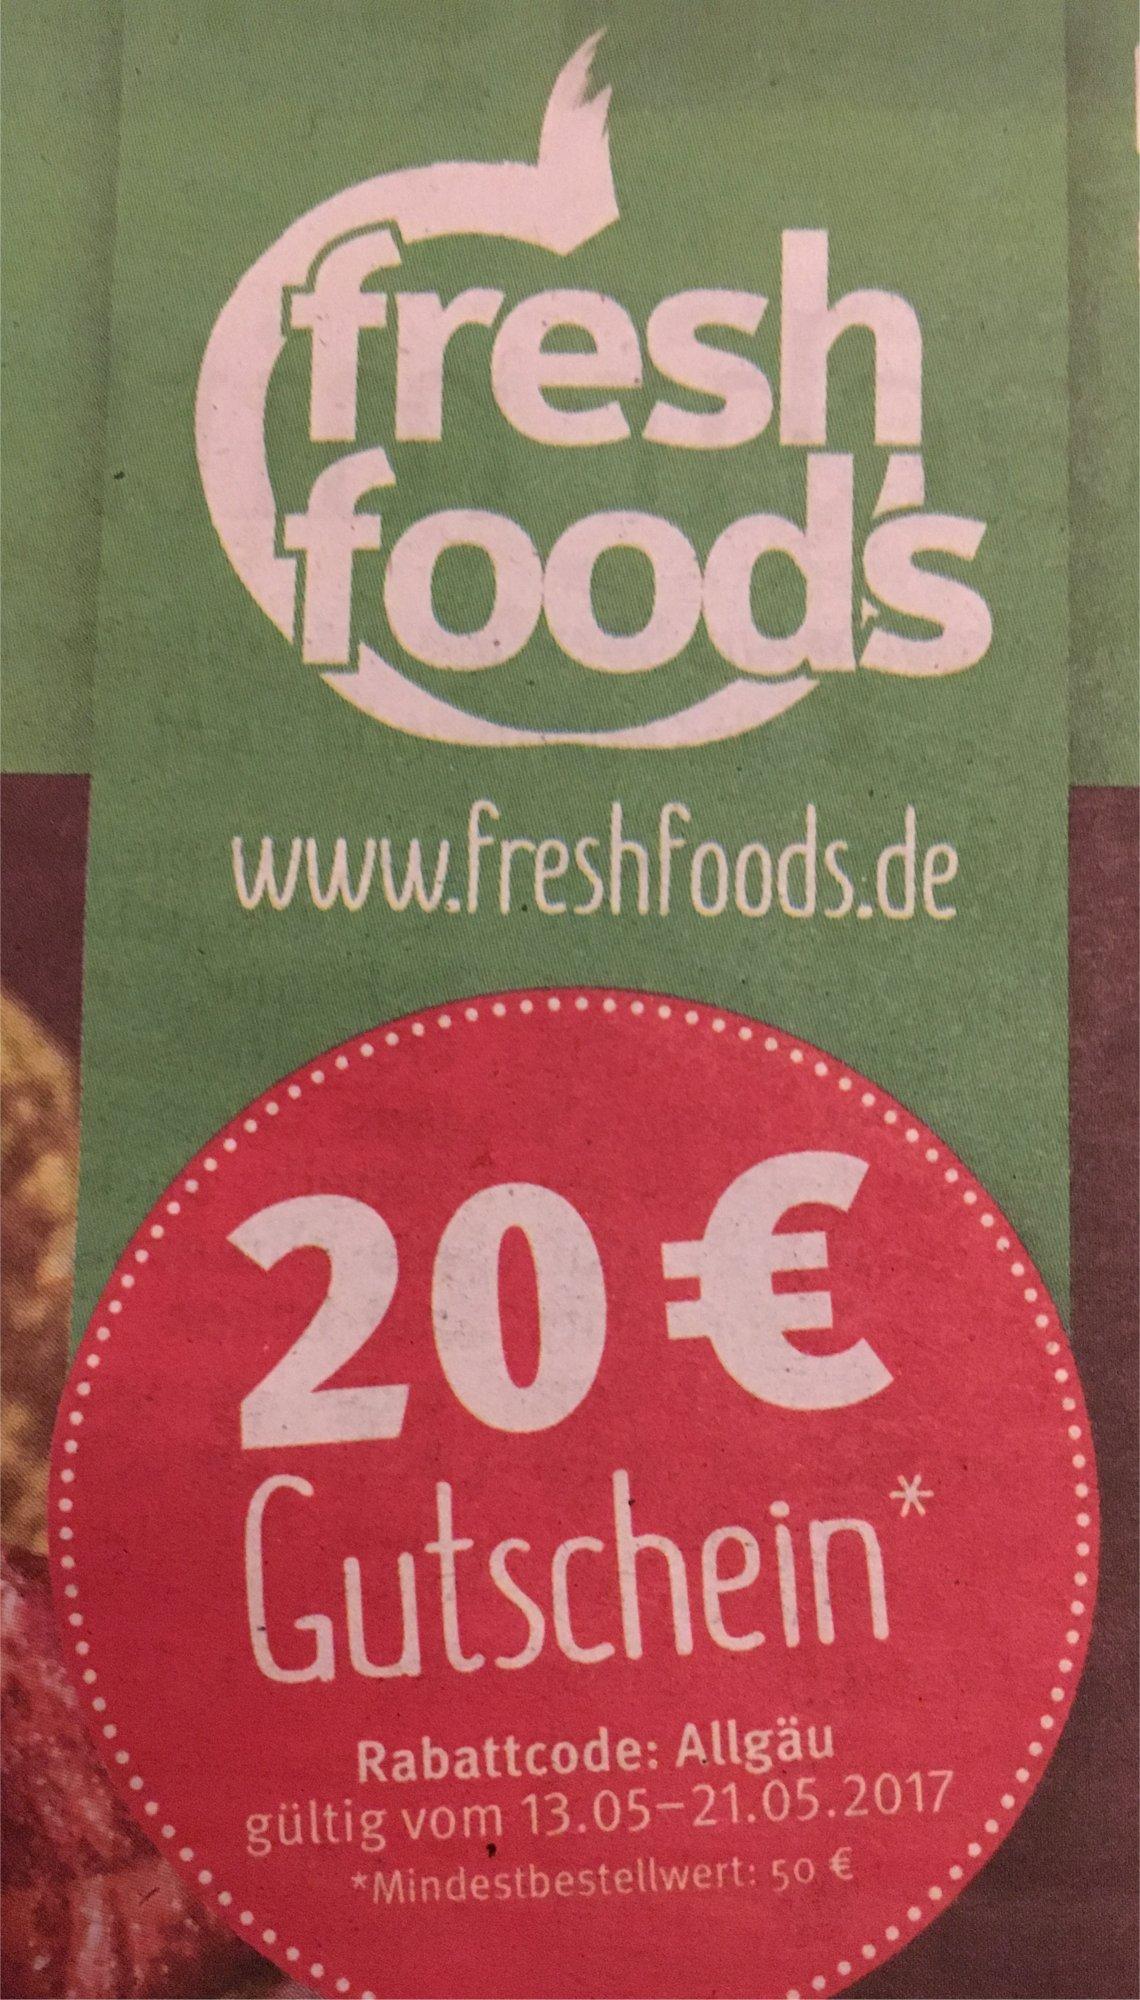 [lokal München] Freshfoods Gutschein 20€ (MBW 50€)